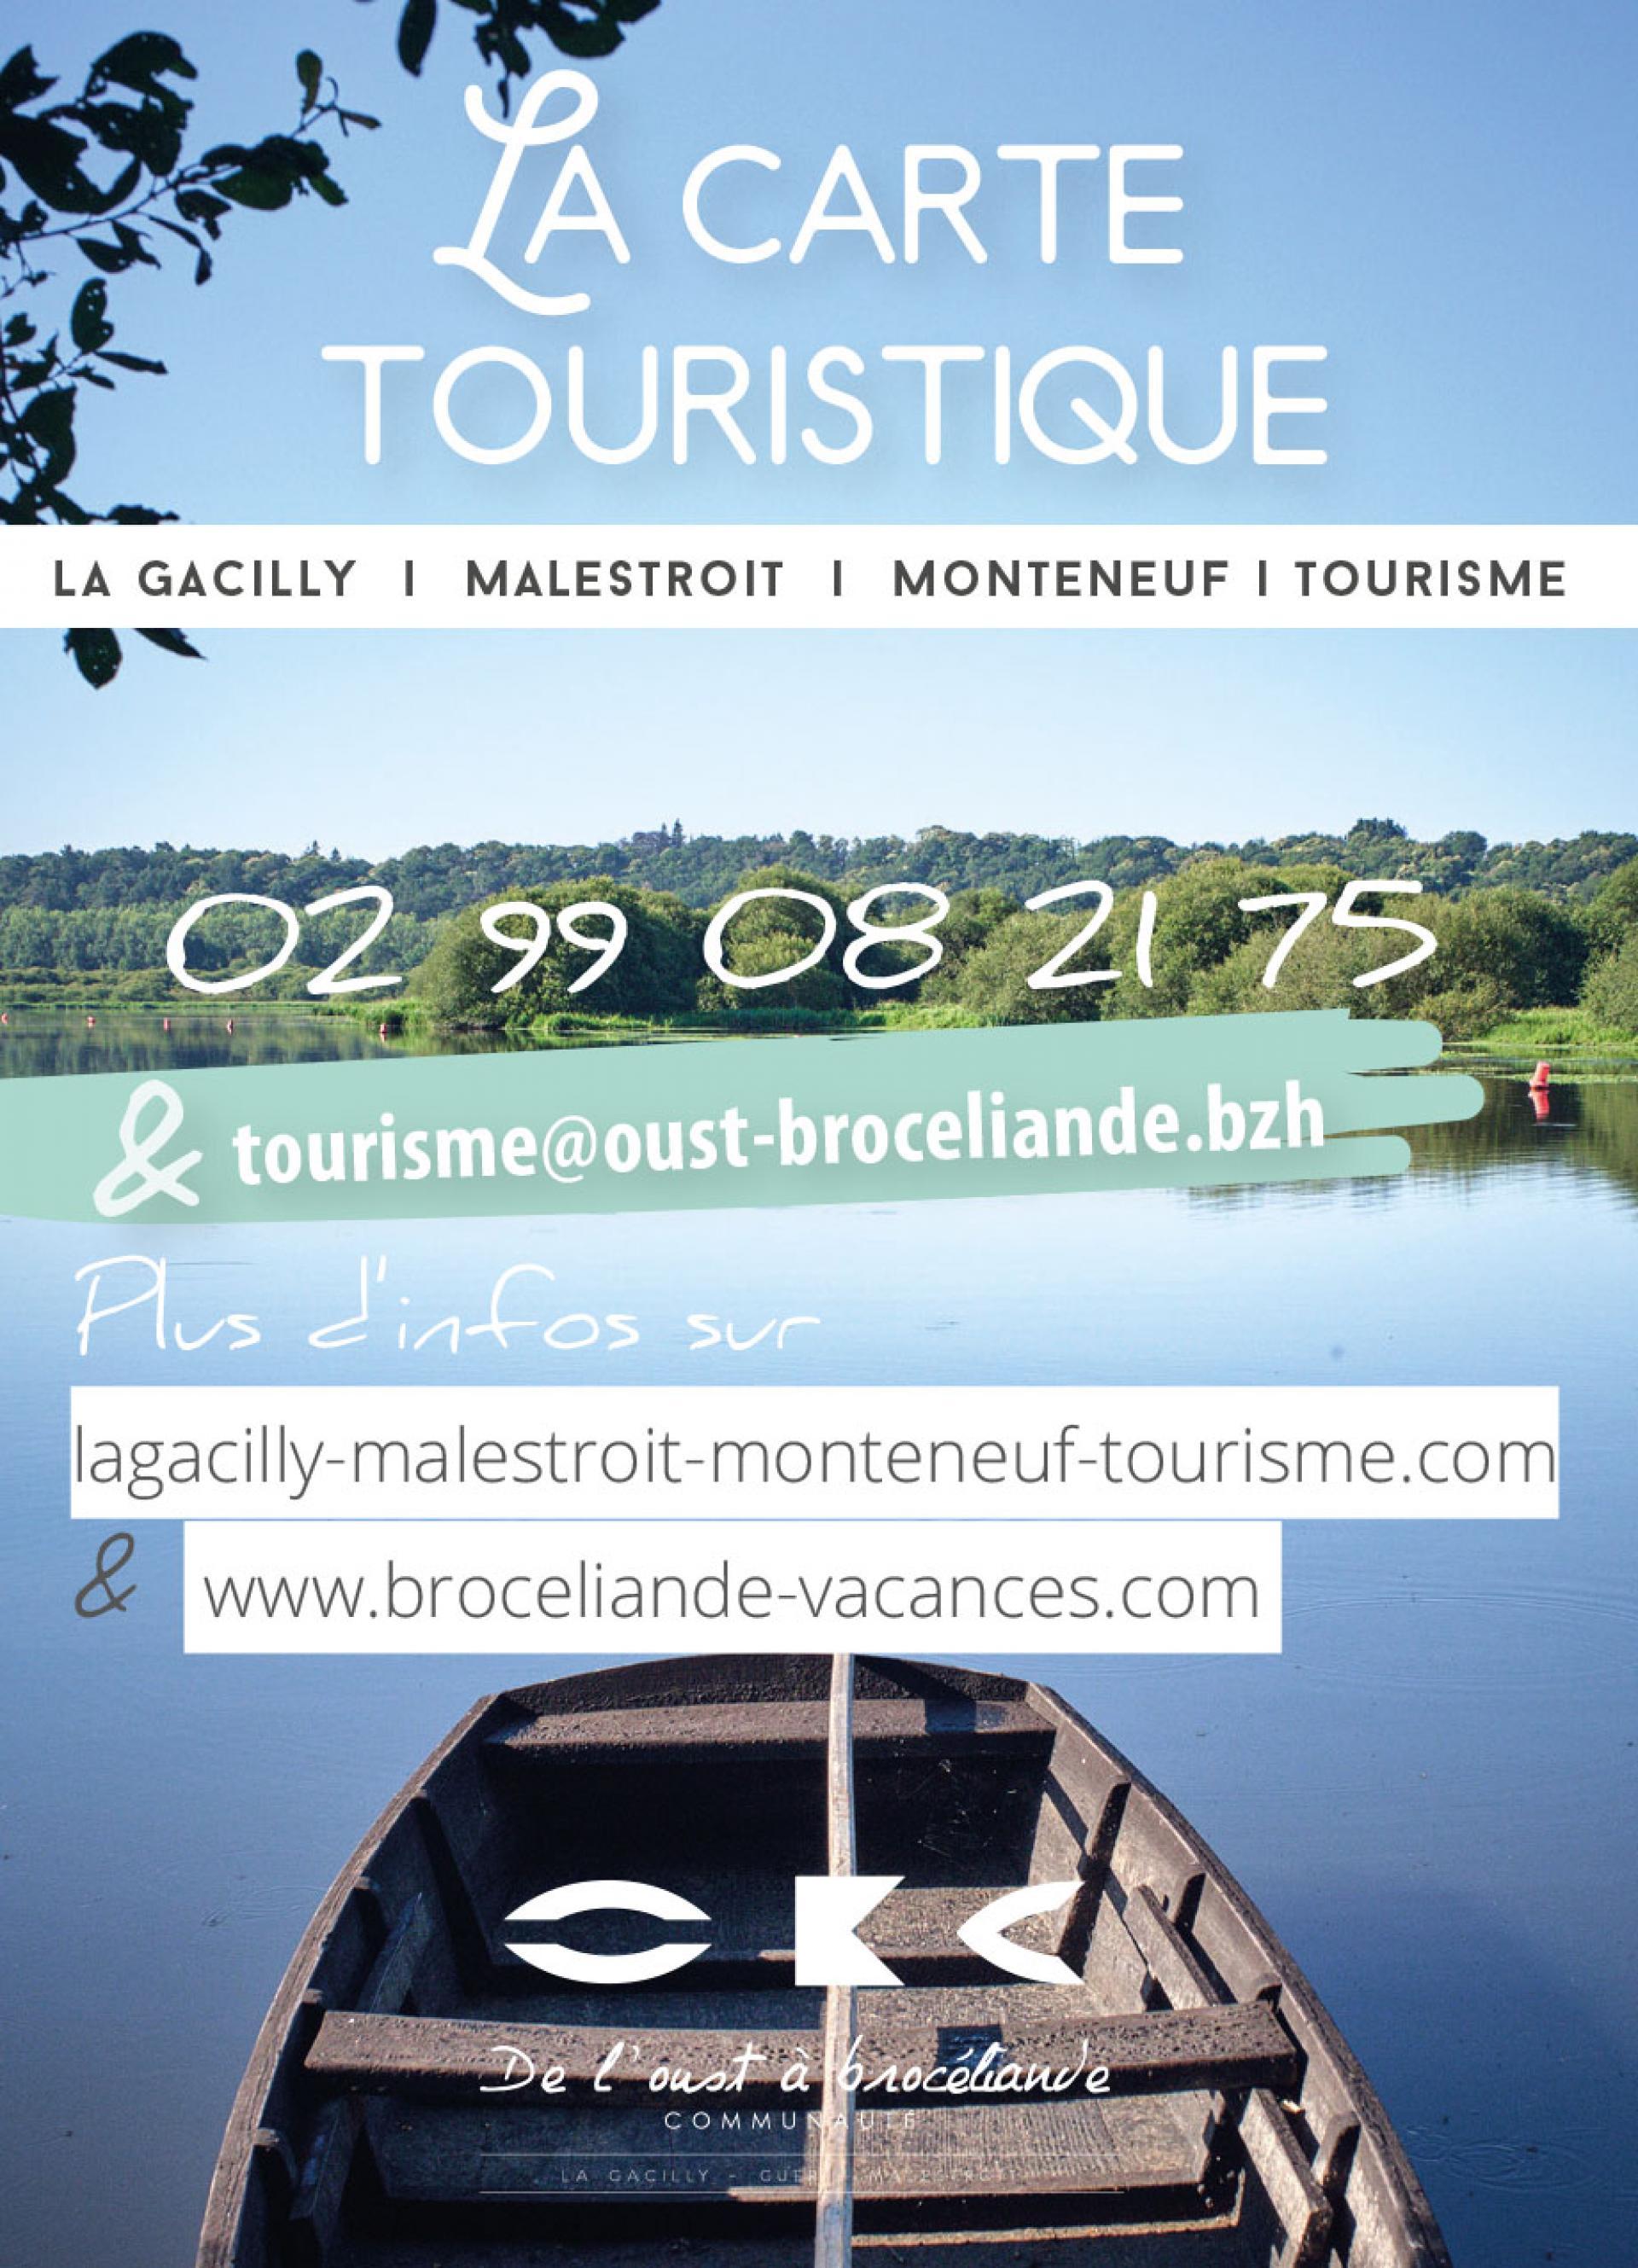 Carte La Gacilly - Malestroit - Monteneuf | Tourisme